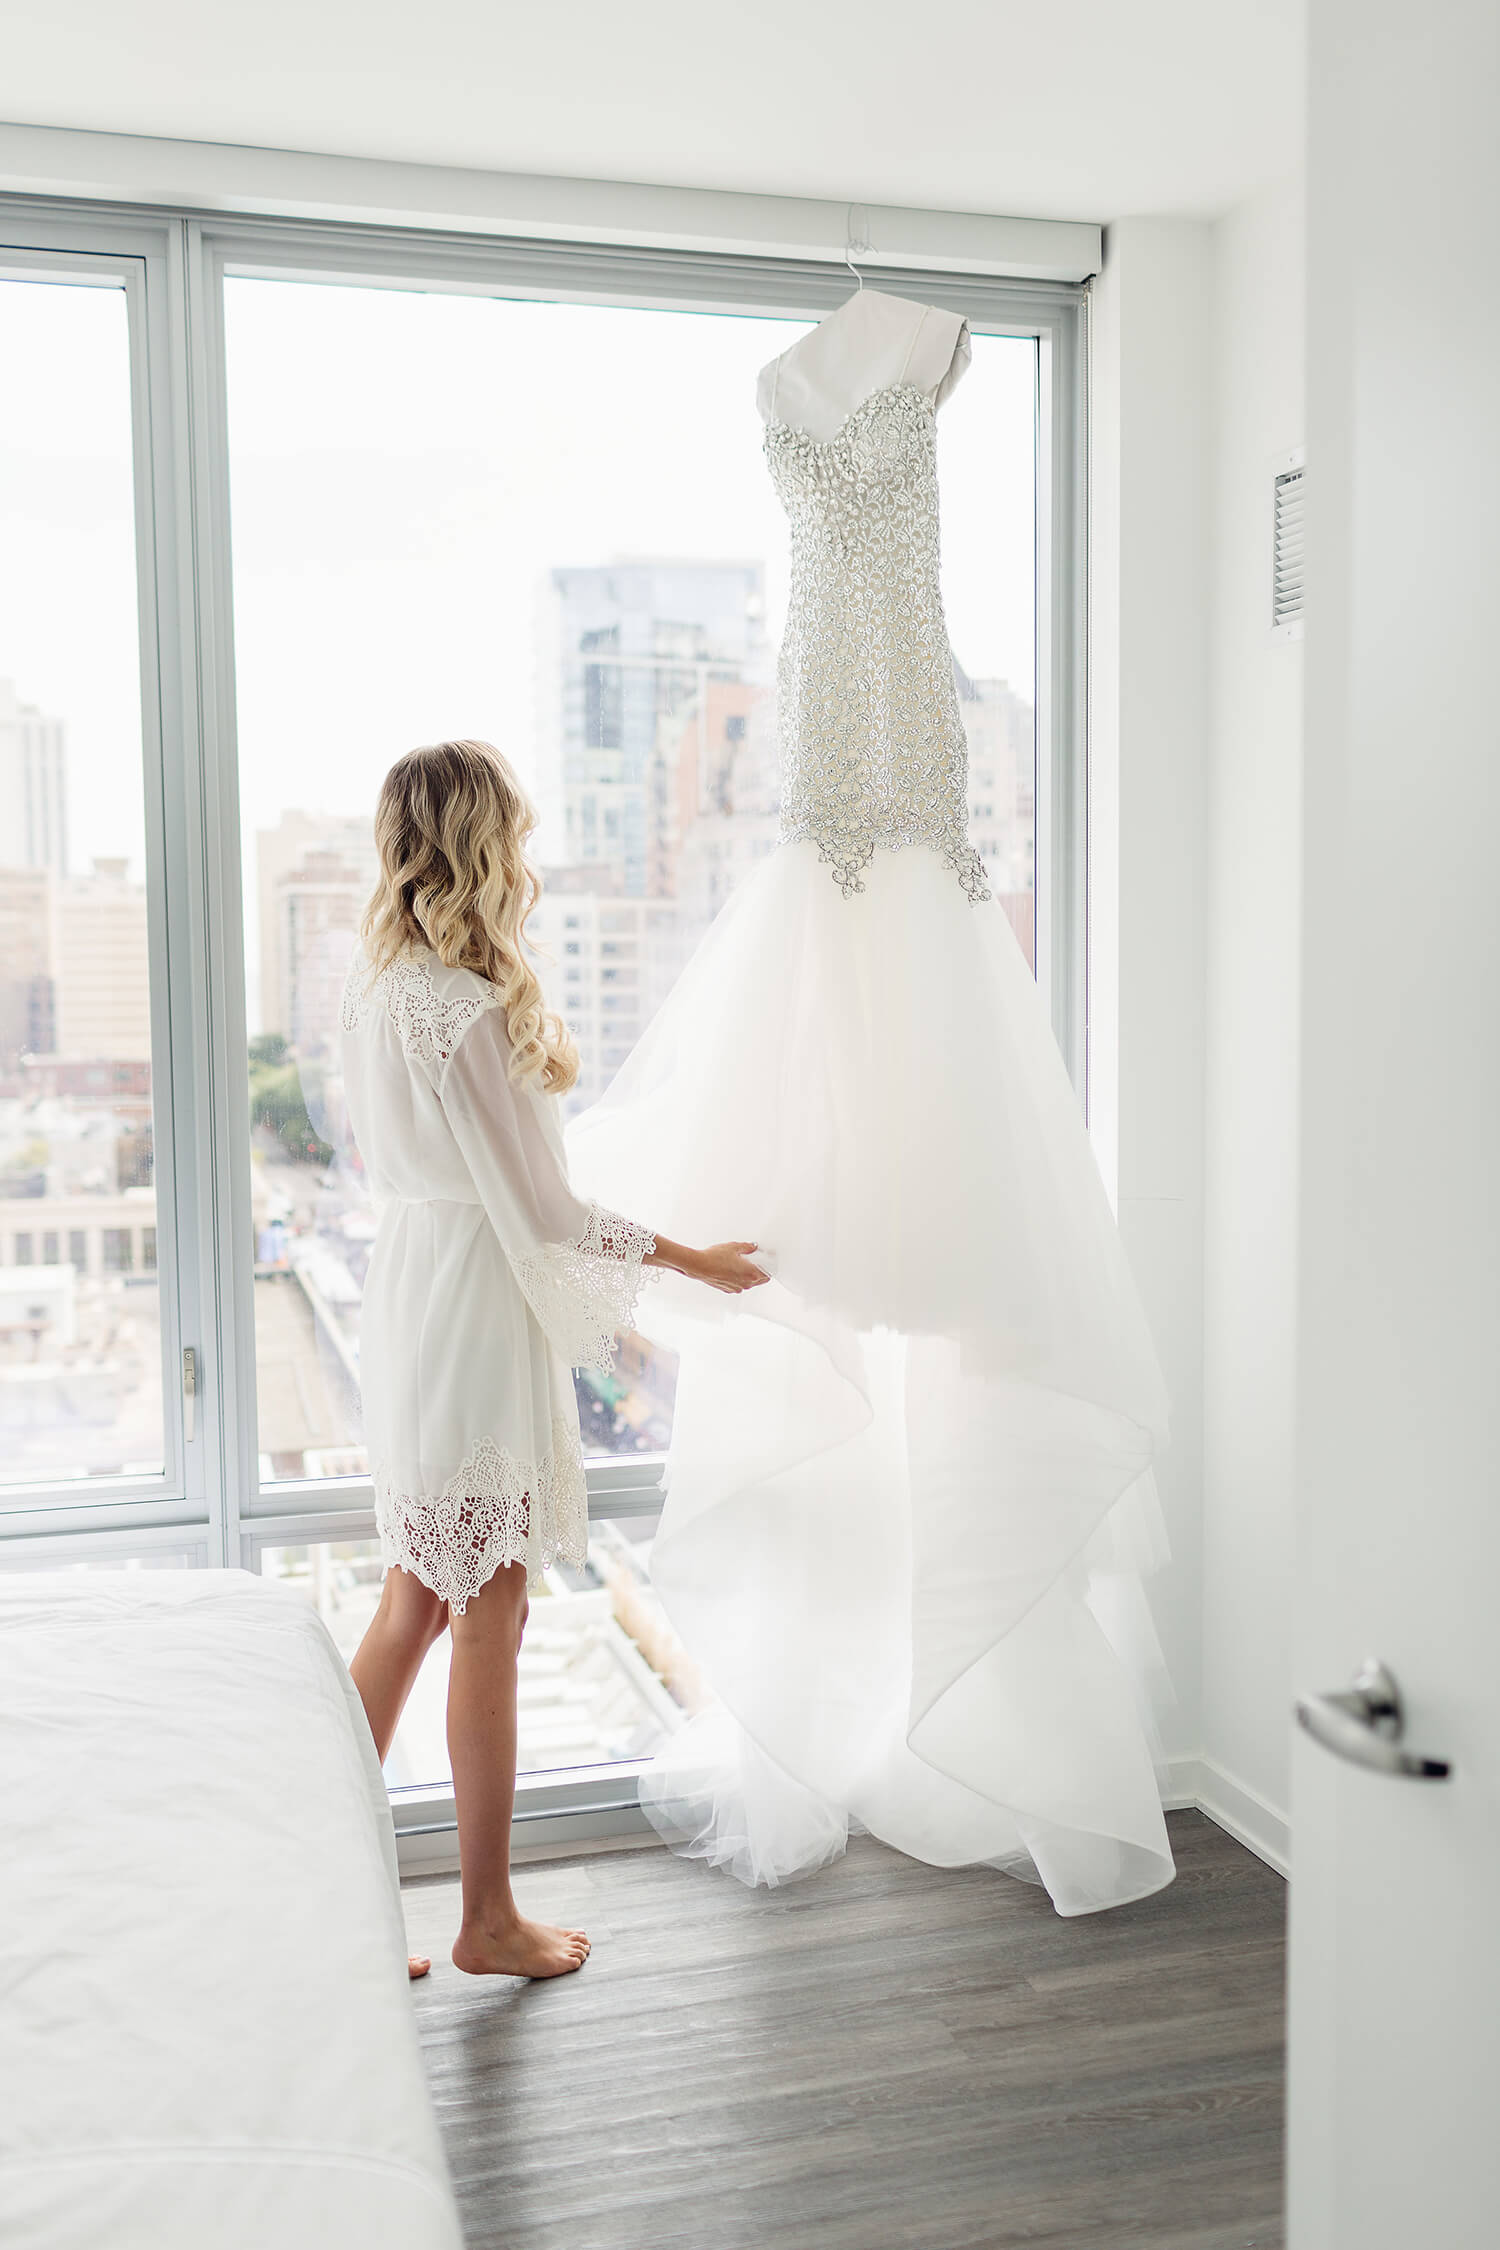 c3f0d91445 My Wedding Diary  Getting Ready